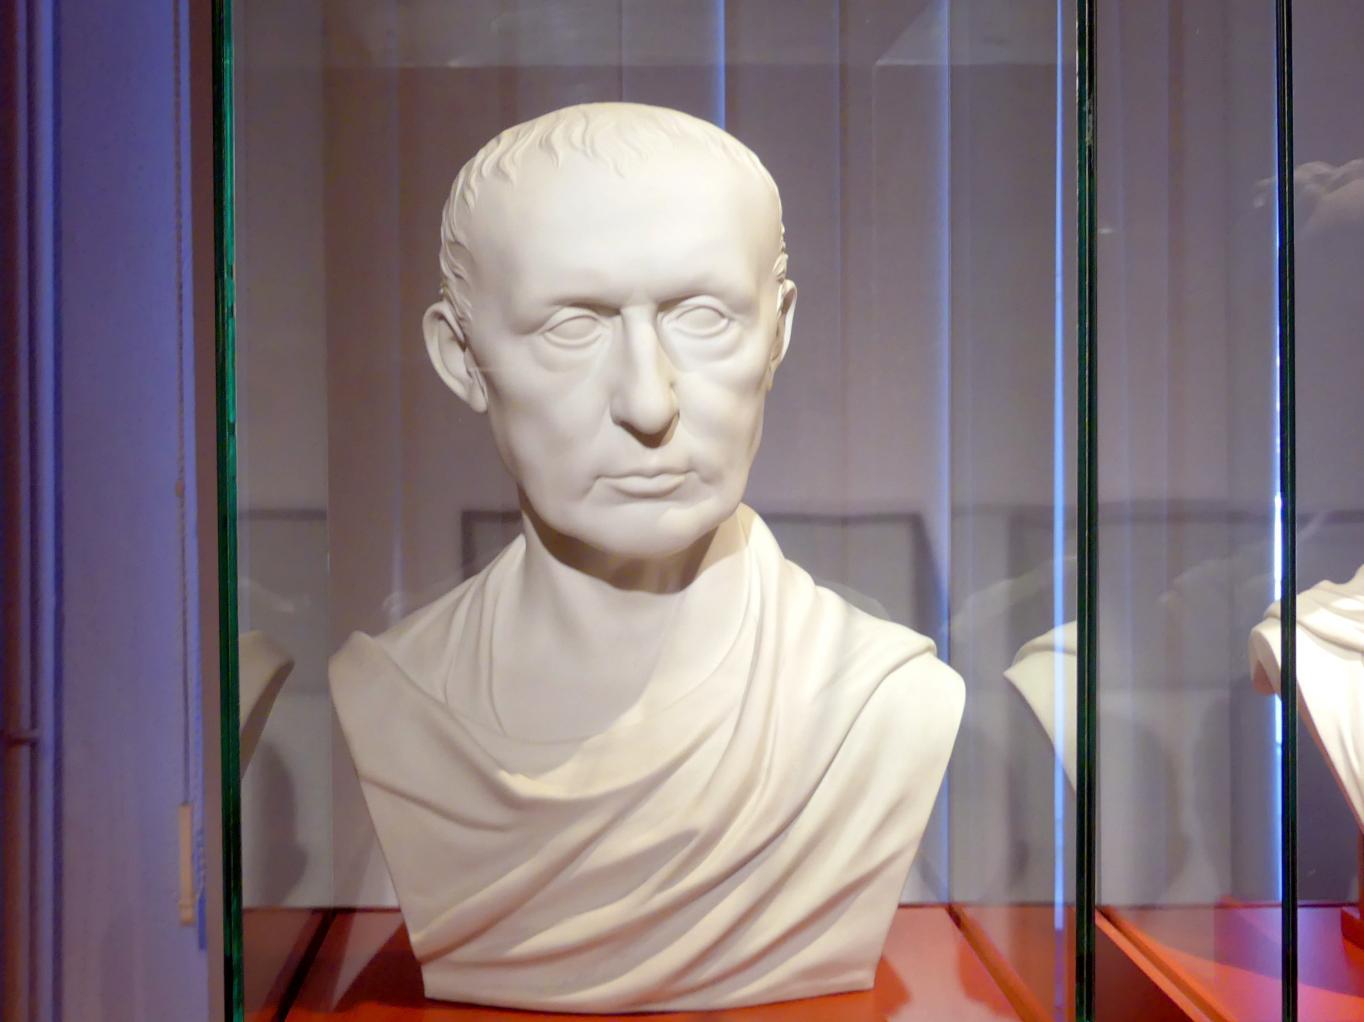 Johann Karl Friedrich Riese: Porträt des Friedrich Wilhelm Graf von Reden (1752-1815), schlesischer Berghauptmann, 1816